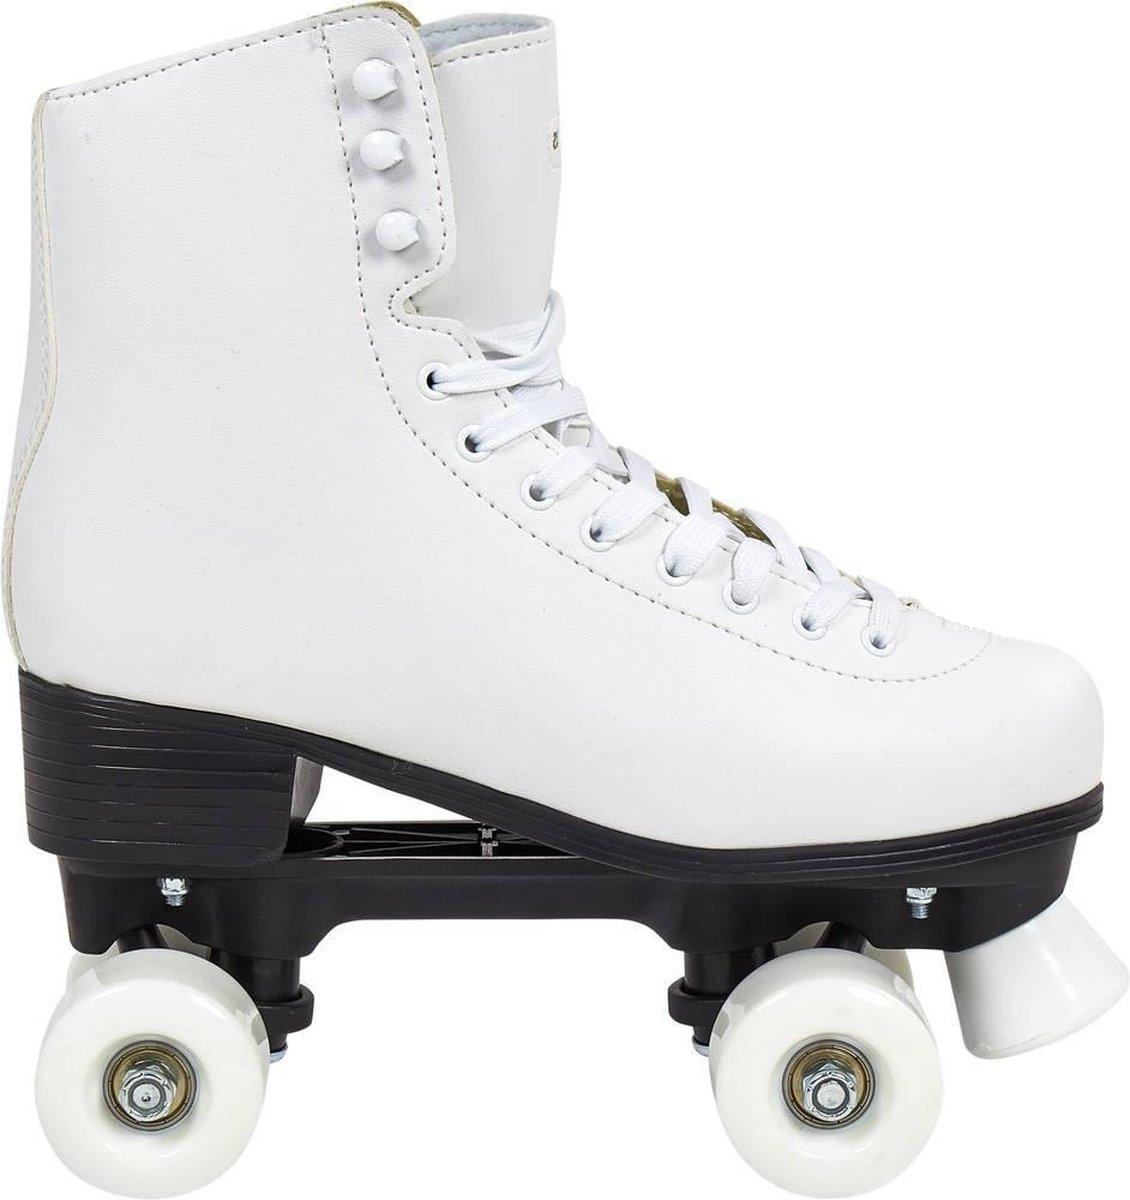 Roces Rc1 Rolschaatsen Dames Wit Maat 39